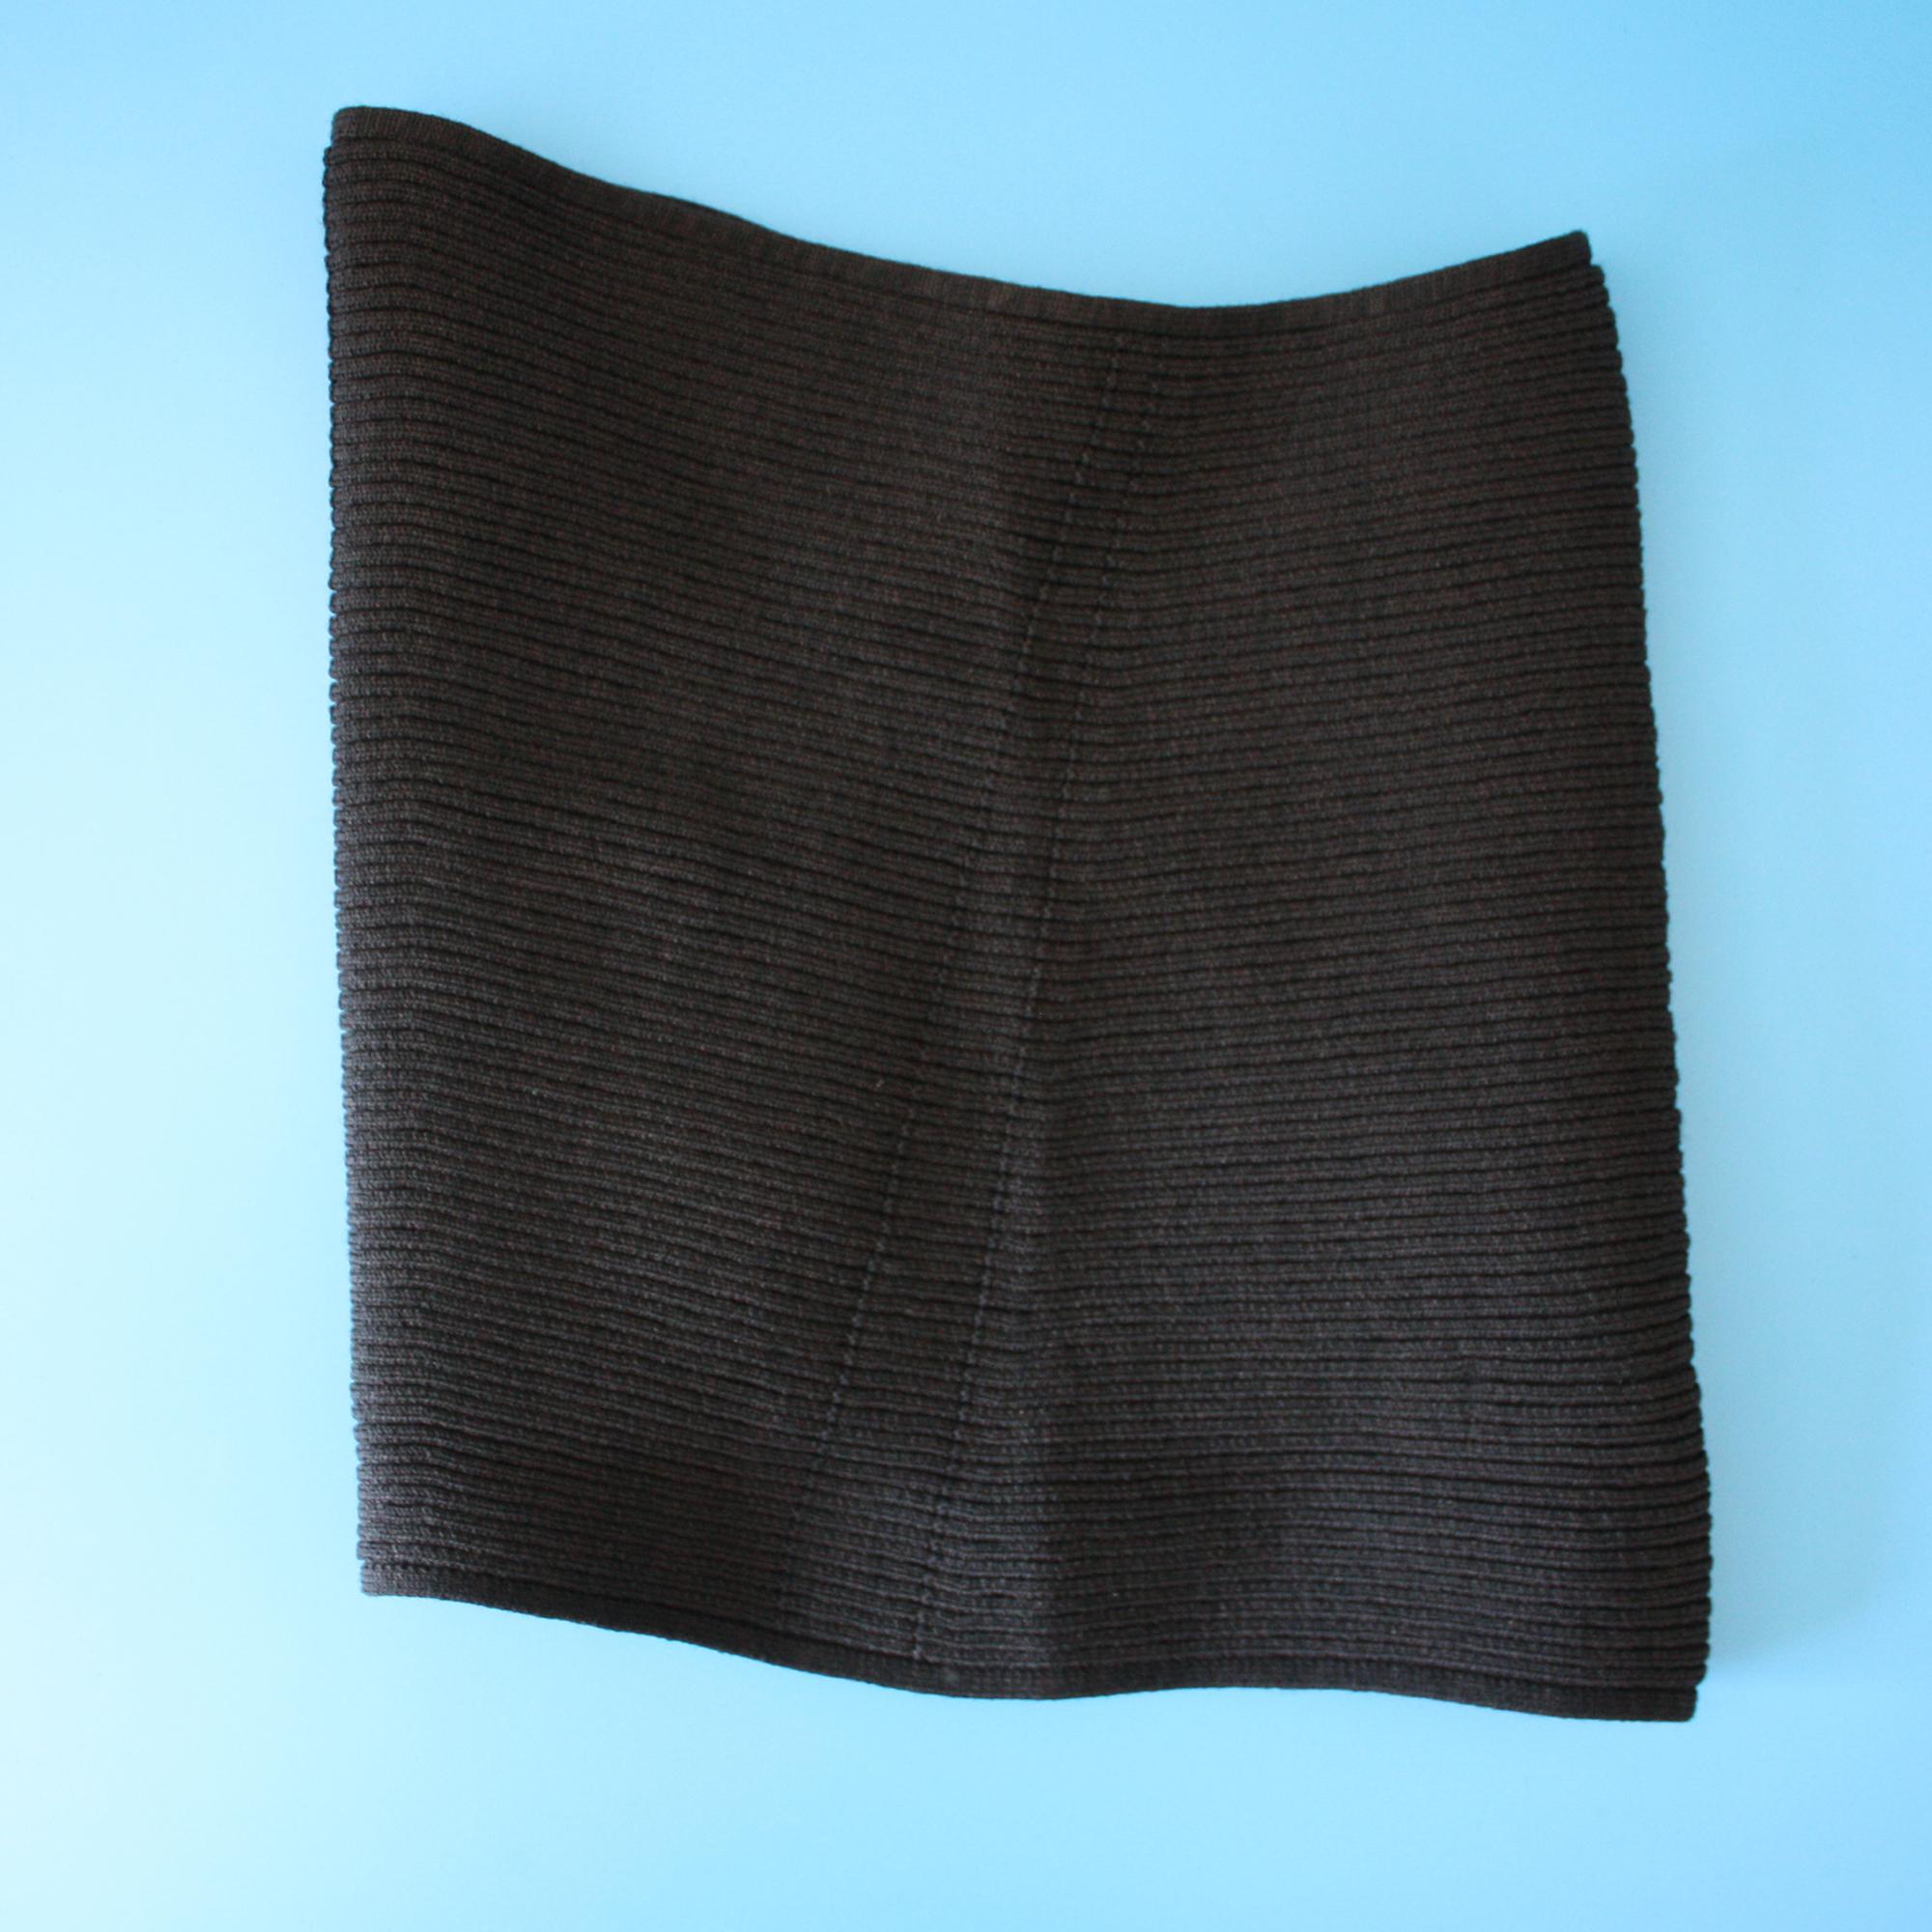 63183f4fd9bad Julius Julius Black Knit Tube Beanie